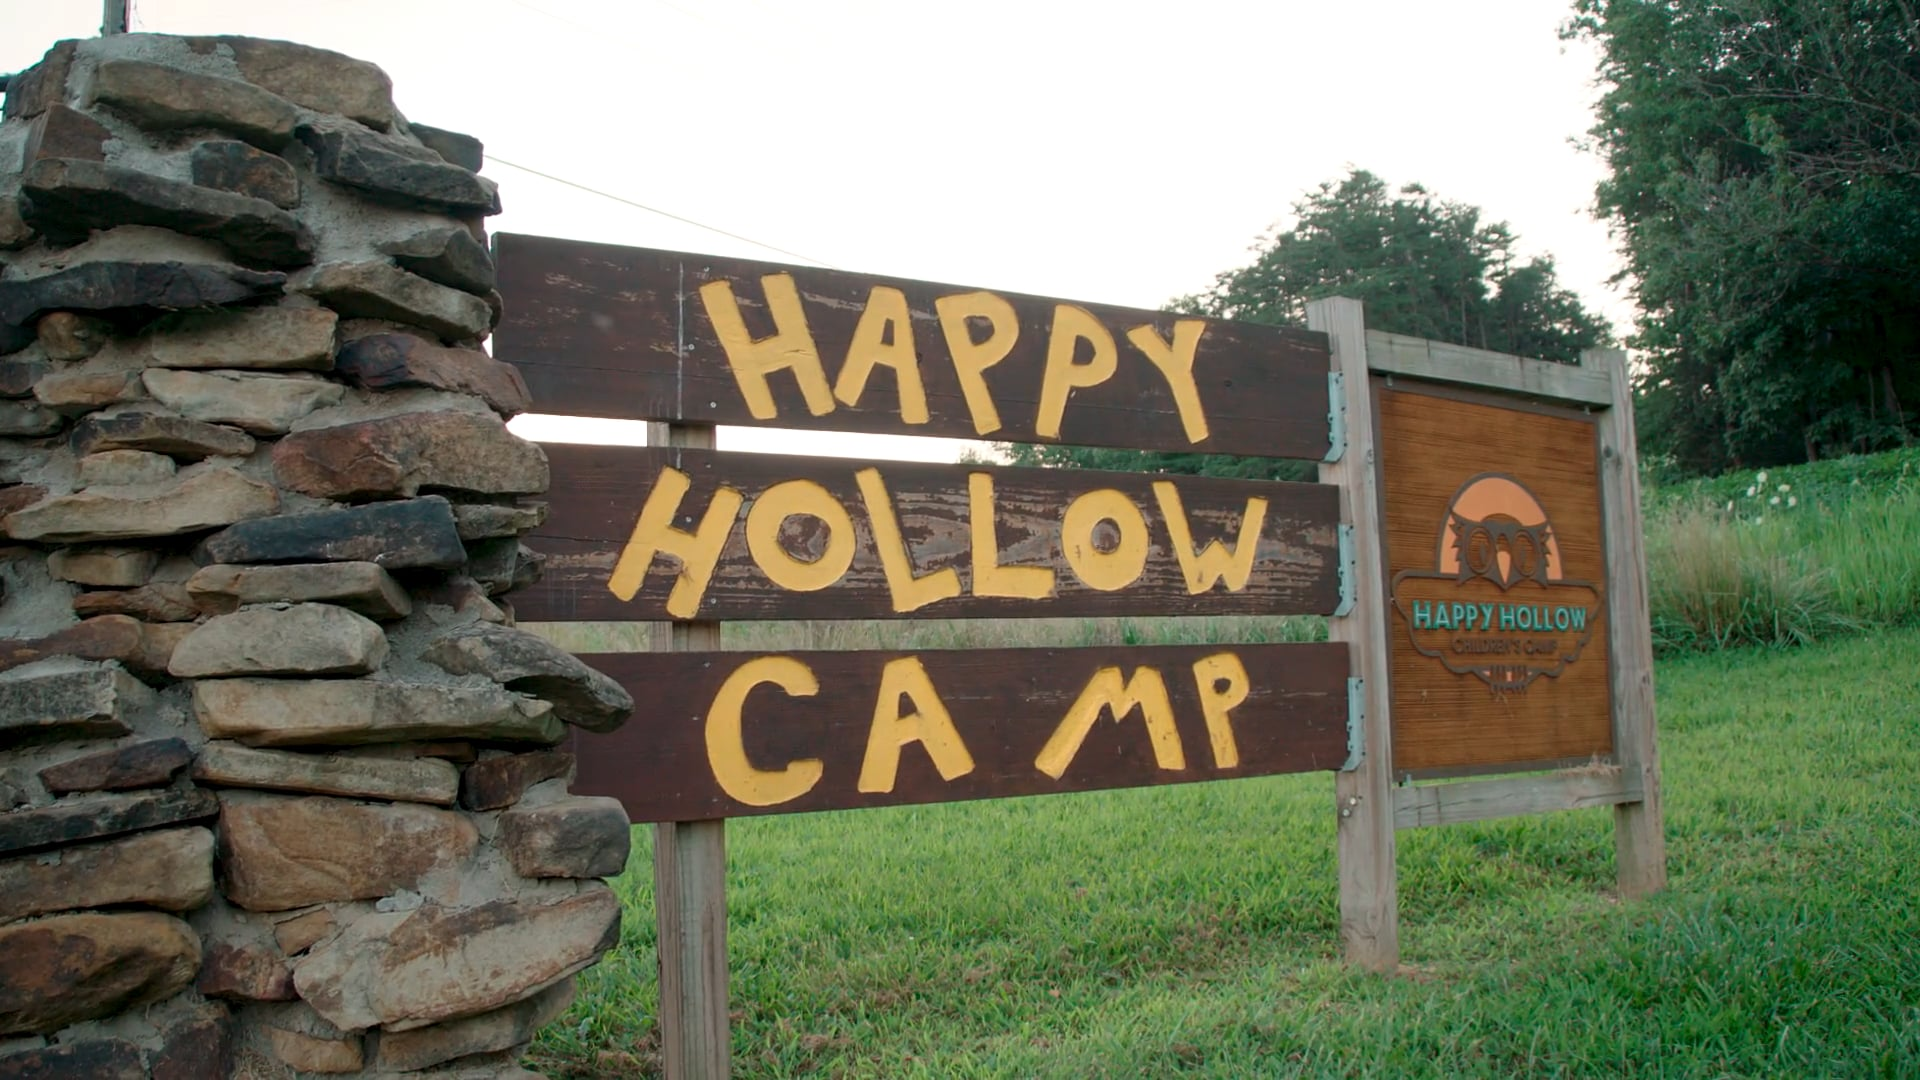 Happy Hollow